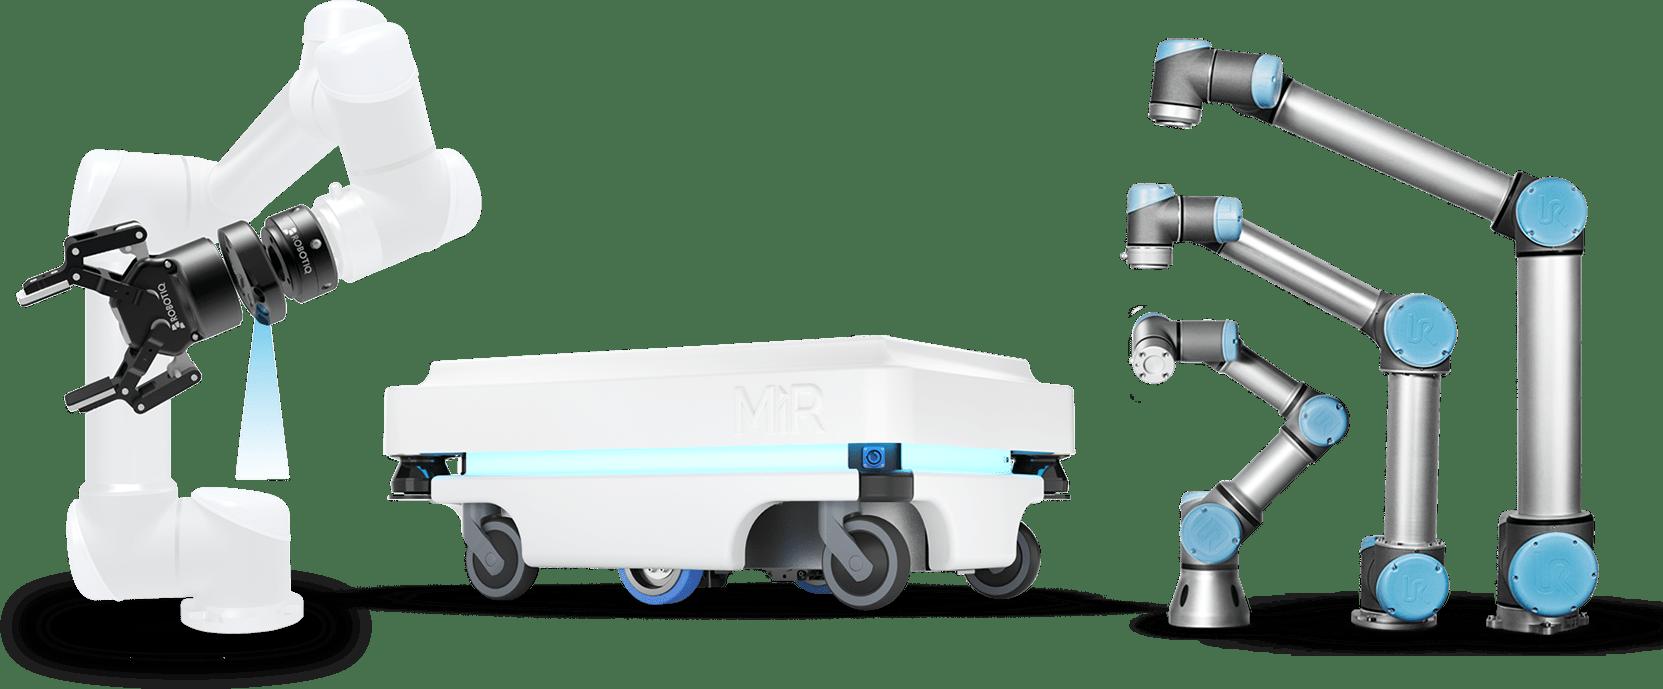 קולקציה של רובוטים שיתופיים המשווקים על ידי SU-PAD ישראל